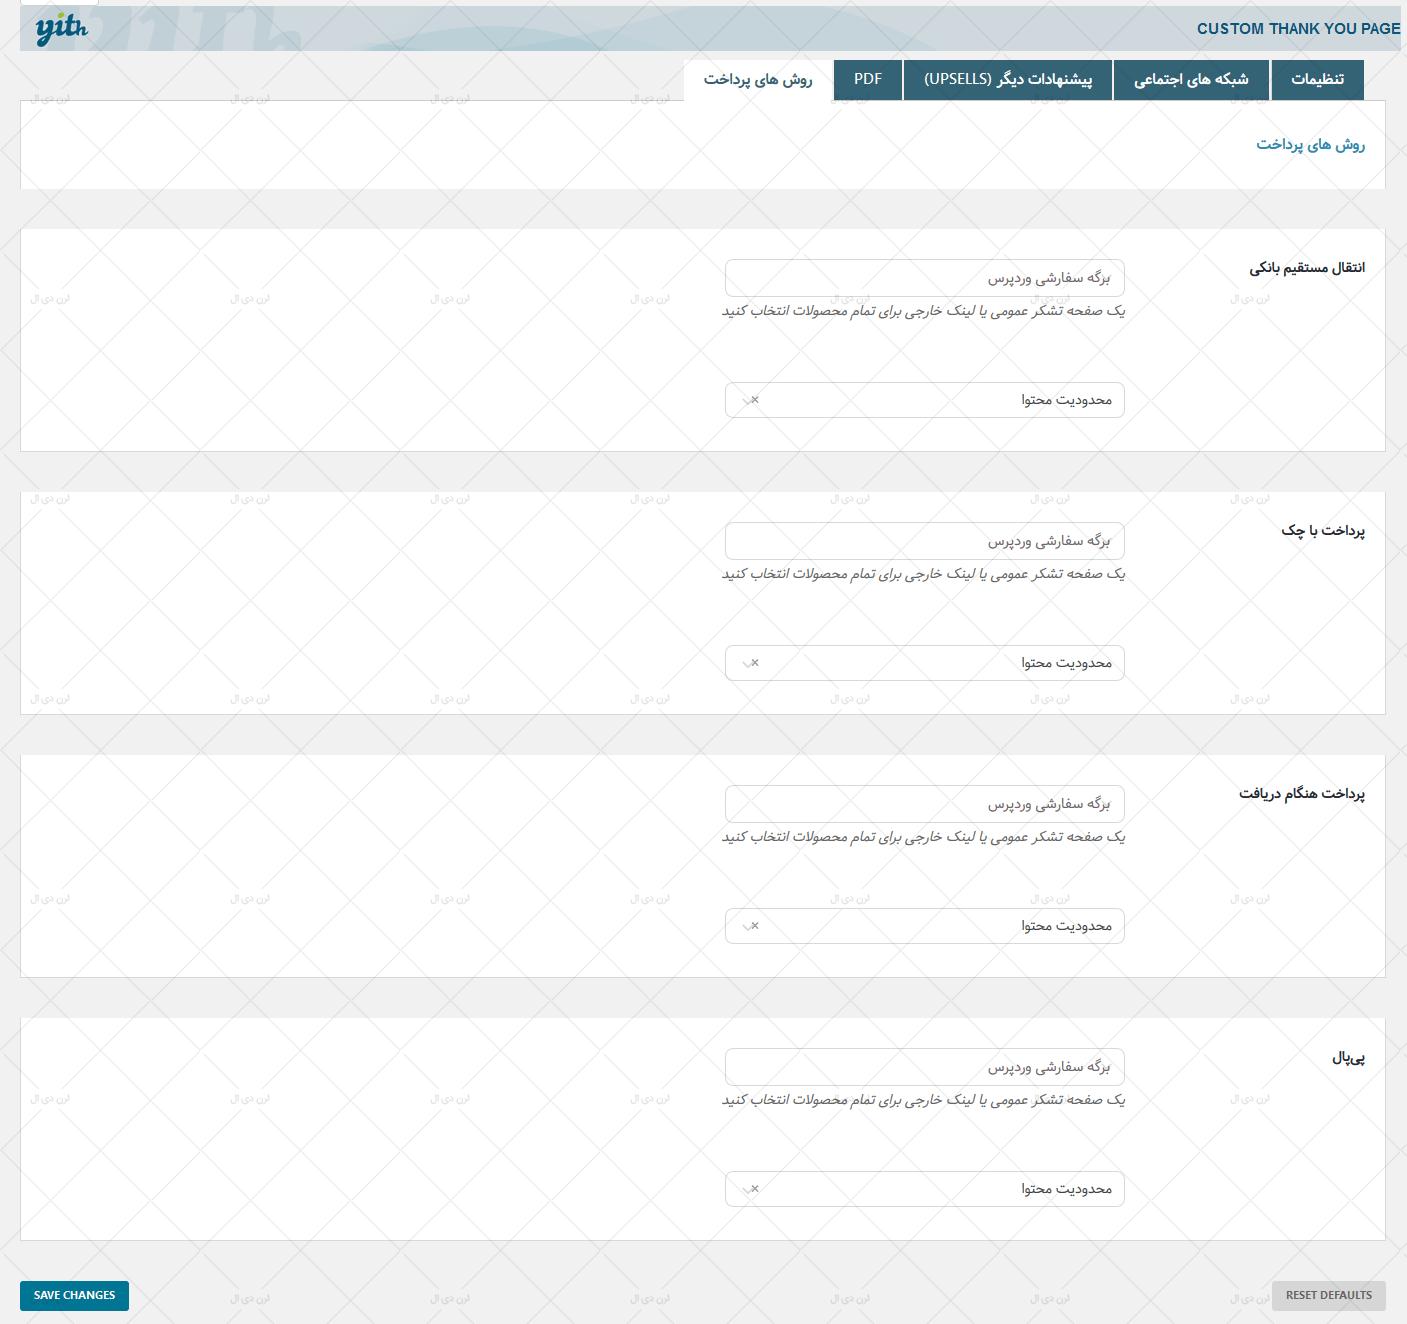 بخش روش های پرداخت در افزونه ویرایش صفحه تشکر ووکامرس